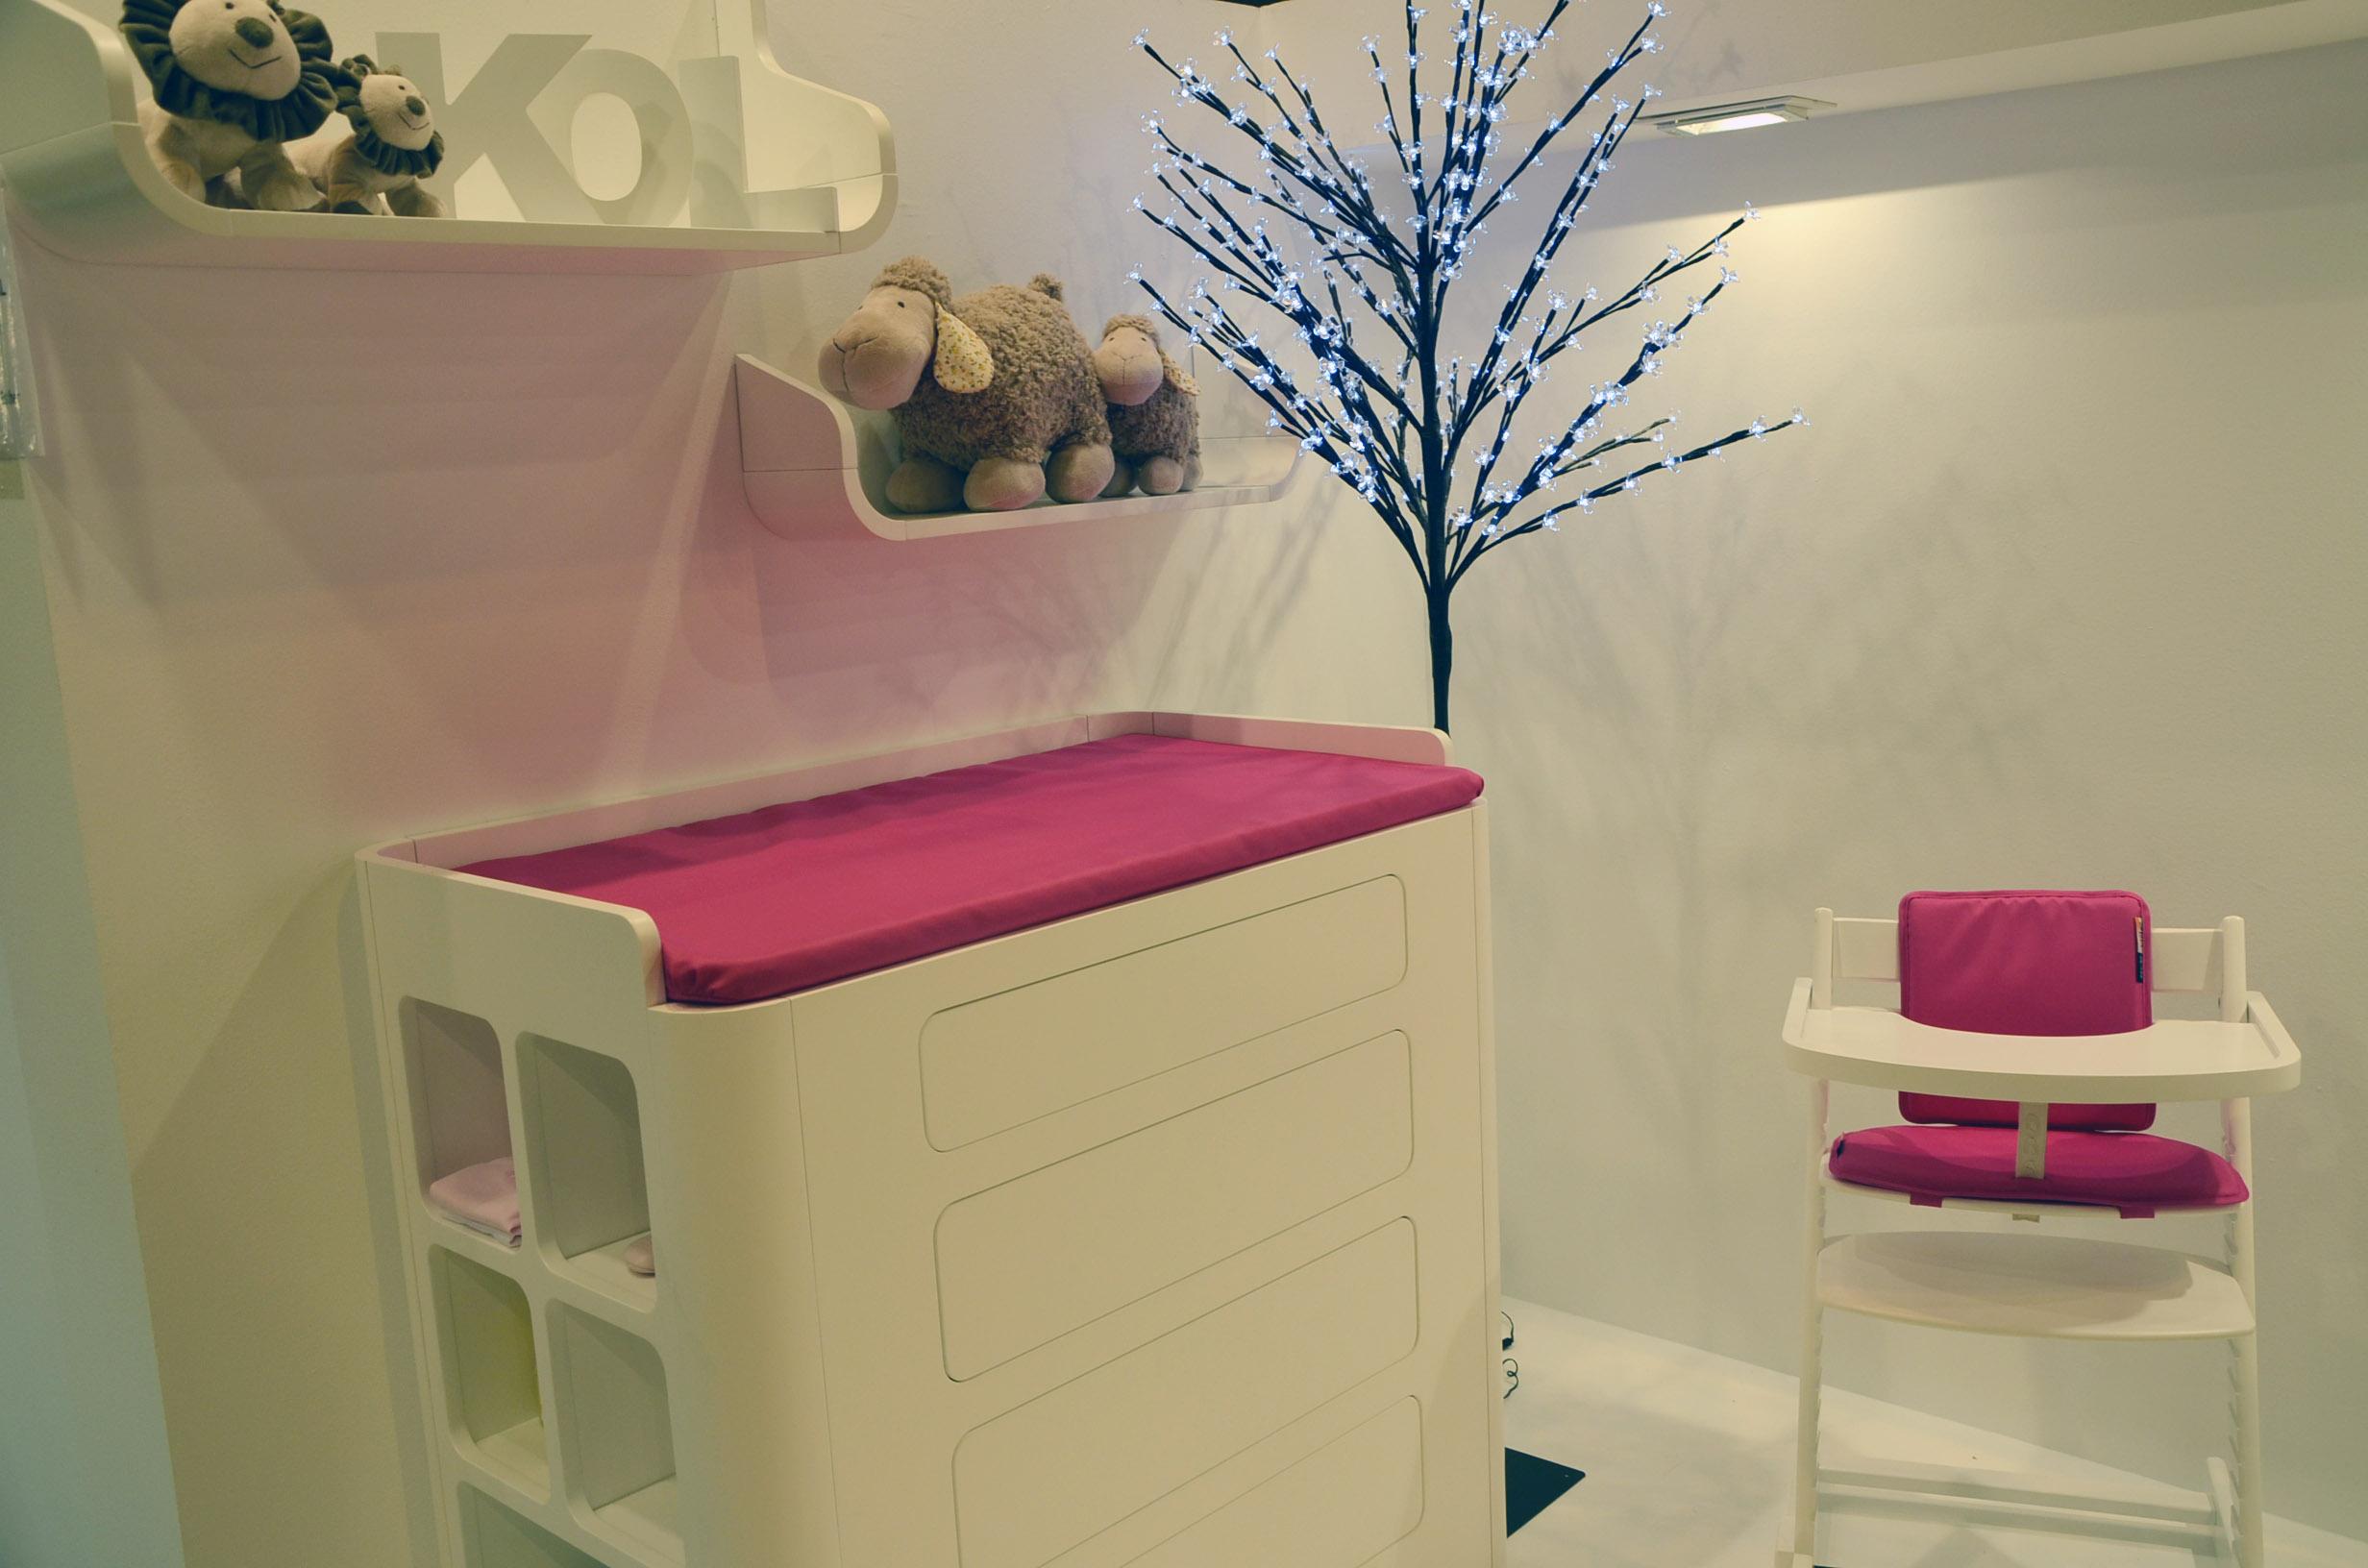 Kids on luxe nueva l nea de mobiliario infantil blog de moda infantil ropa de beb y - Mobiliario zapateria infantil ...